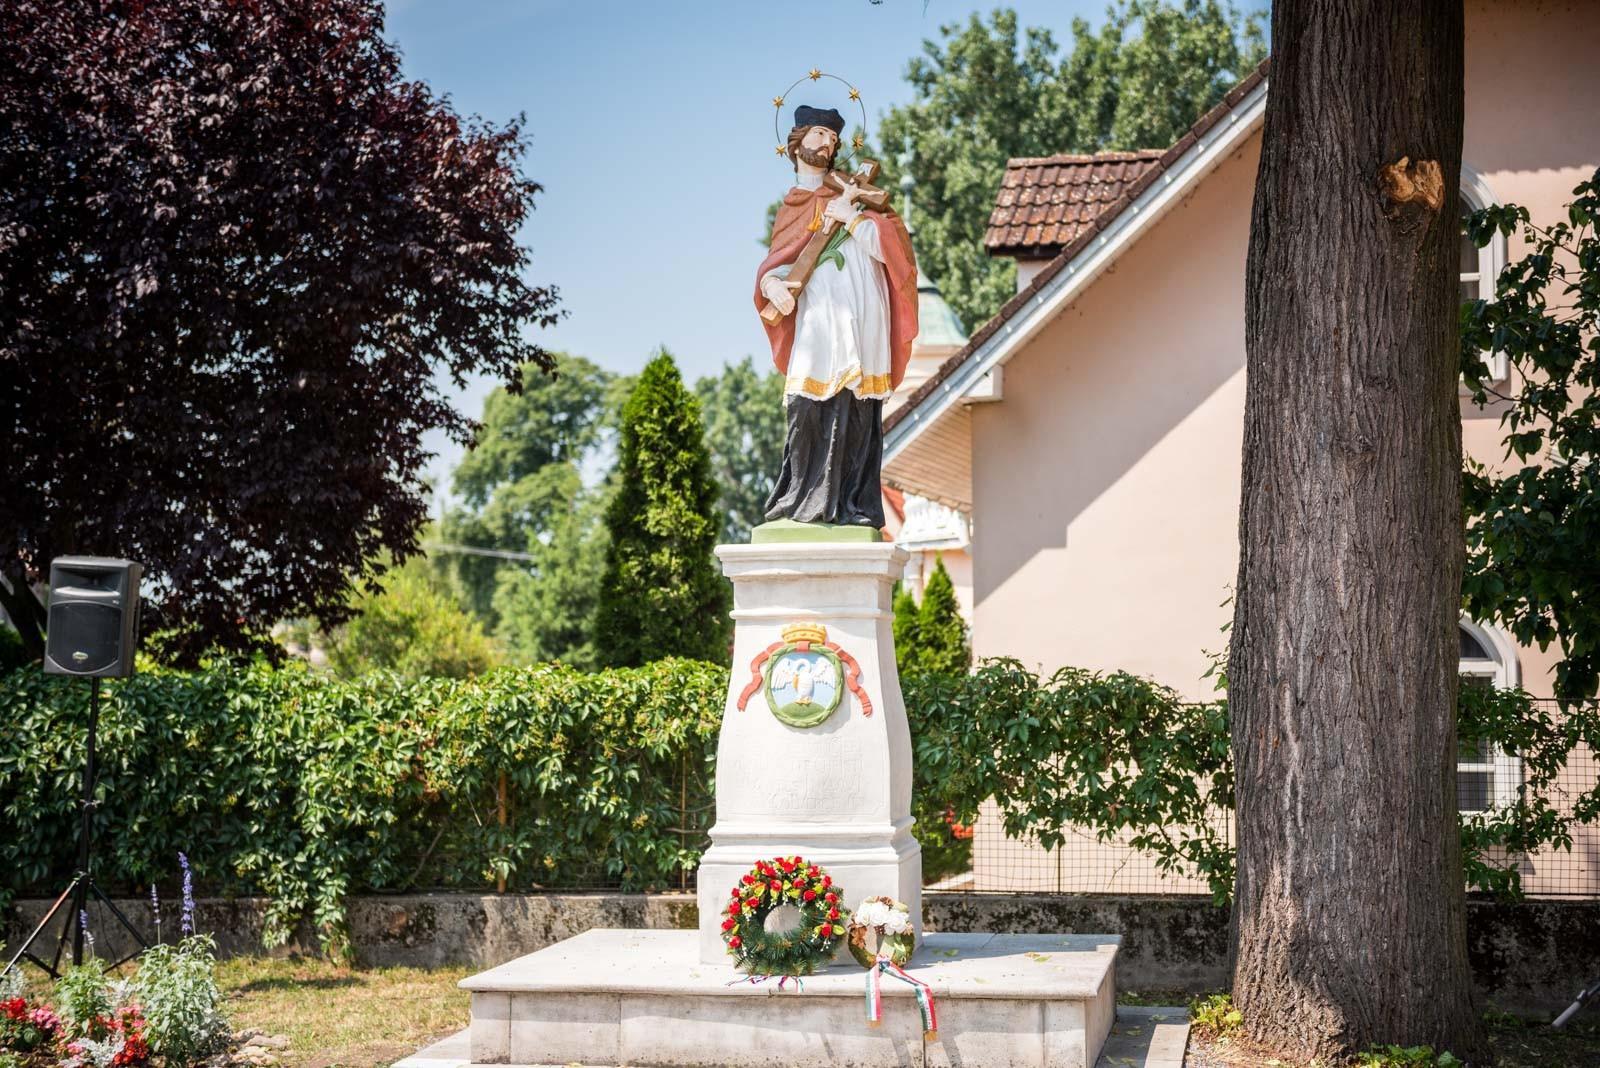 Államhatárt átlépve restauráltatta egy magyar közösség Szent János-szobrát az A-Híd